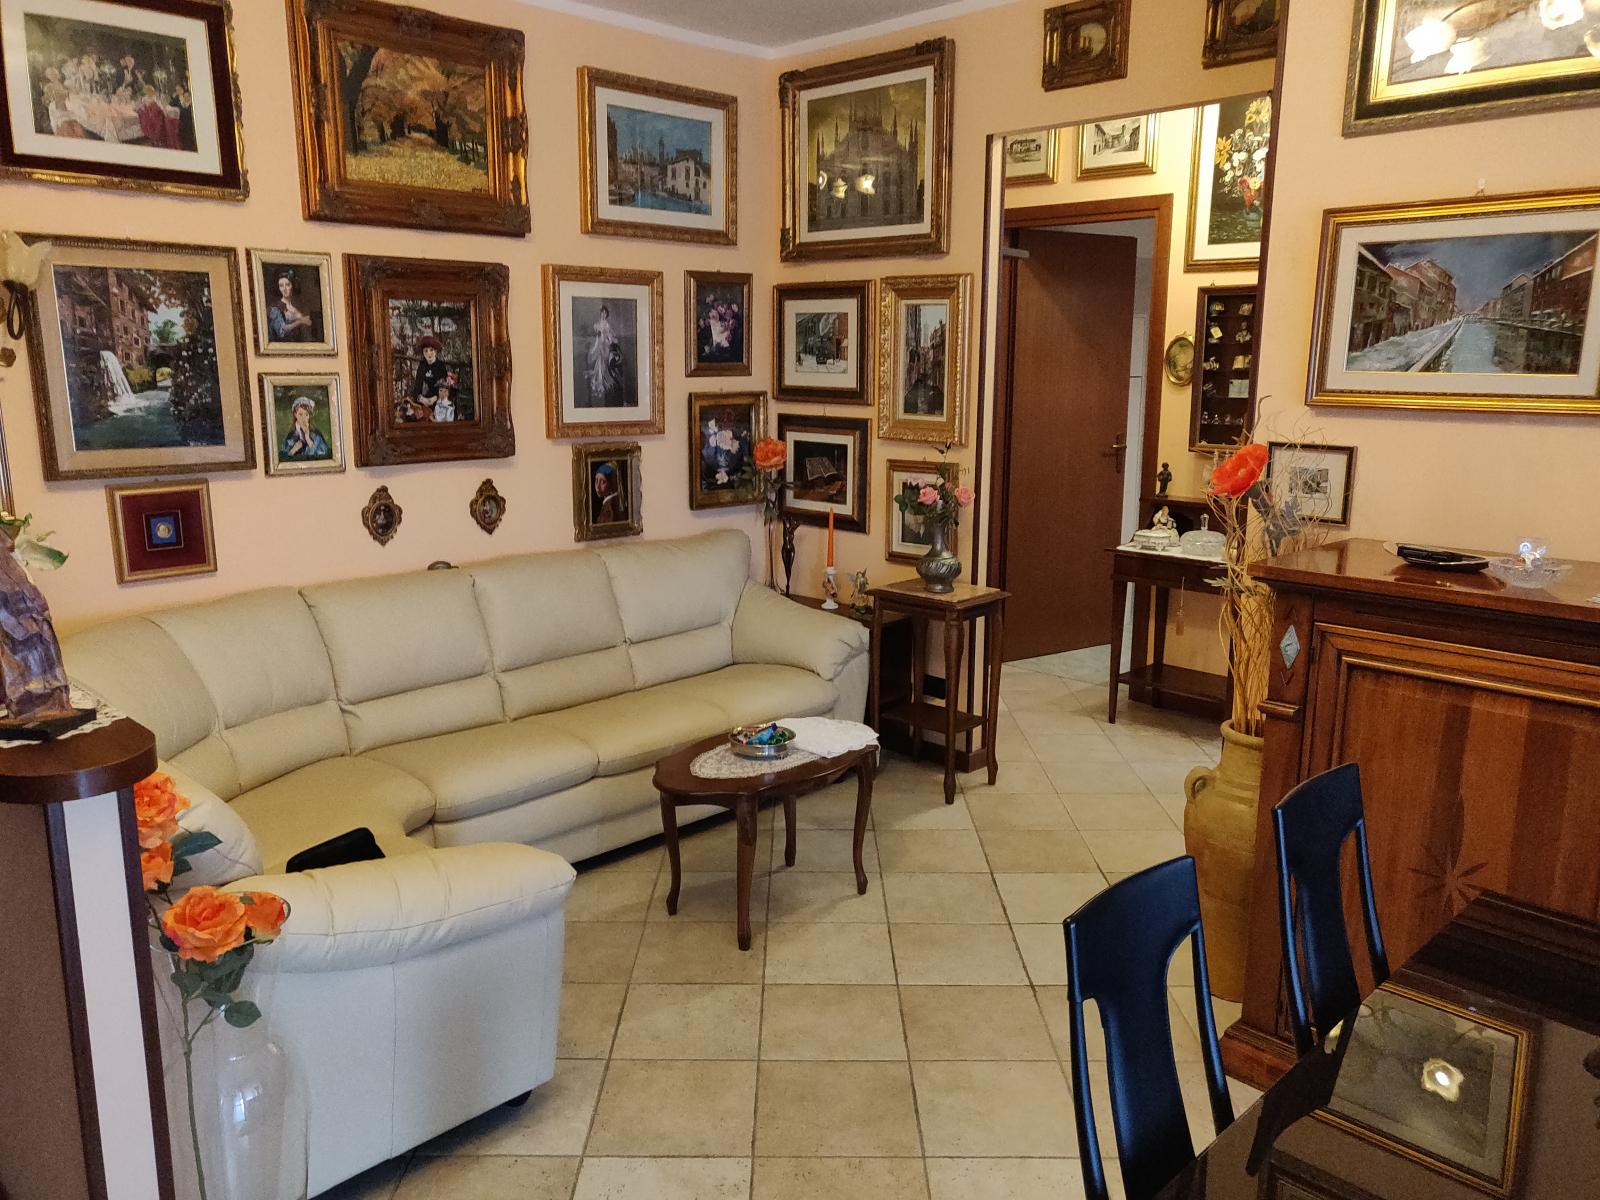 3-locali-trilocale-in-vendita-a-milano-rozzano-quinto-de-stampi-spaziourbano-immobiliare-vende-5